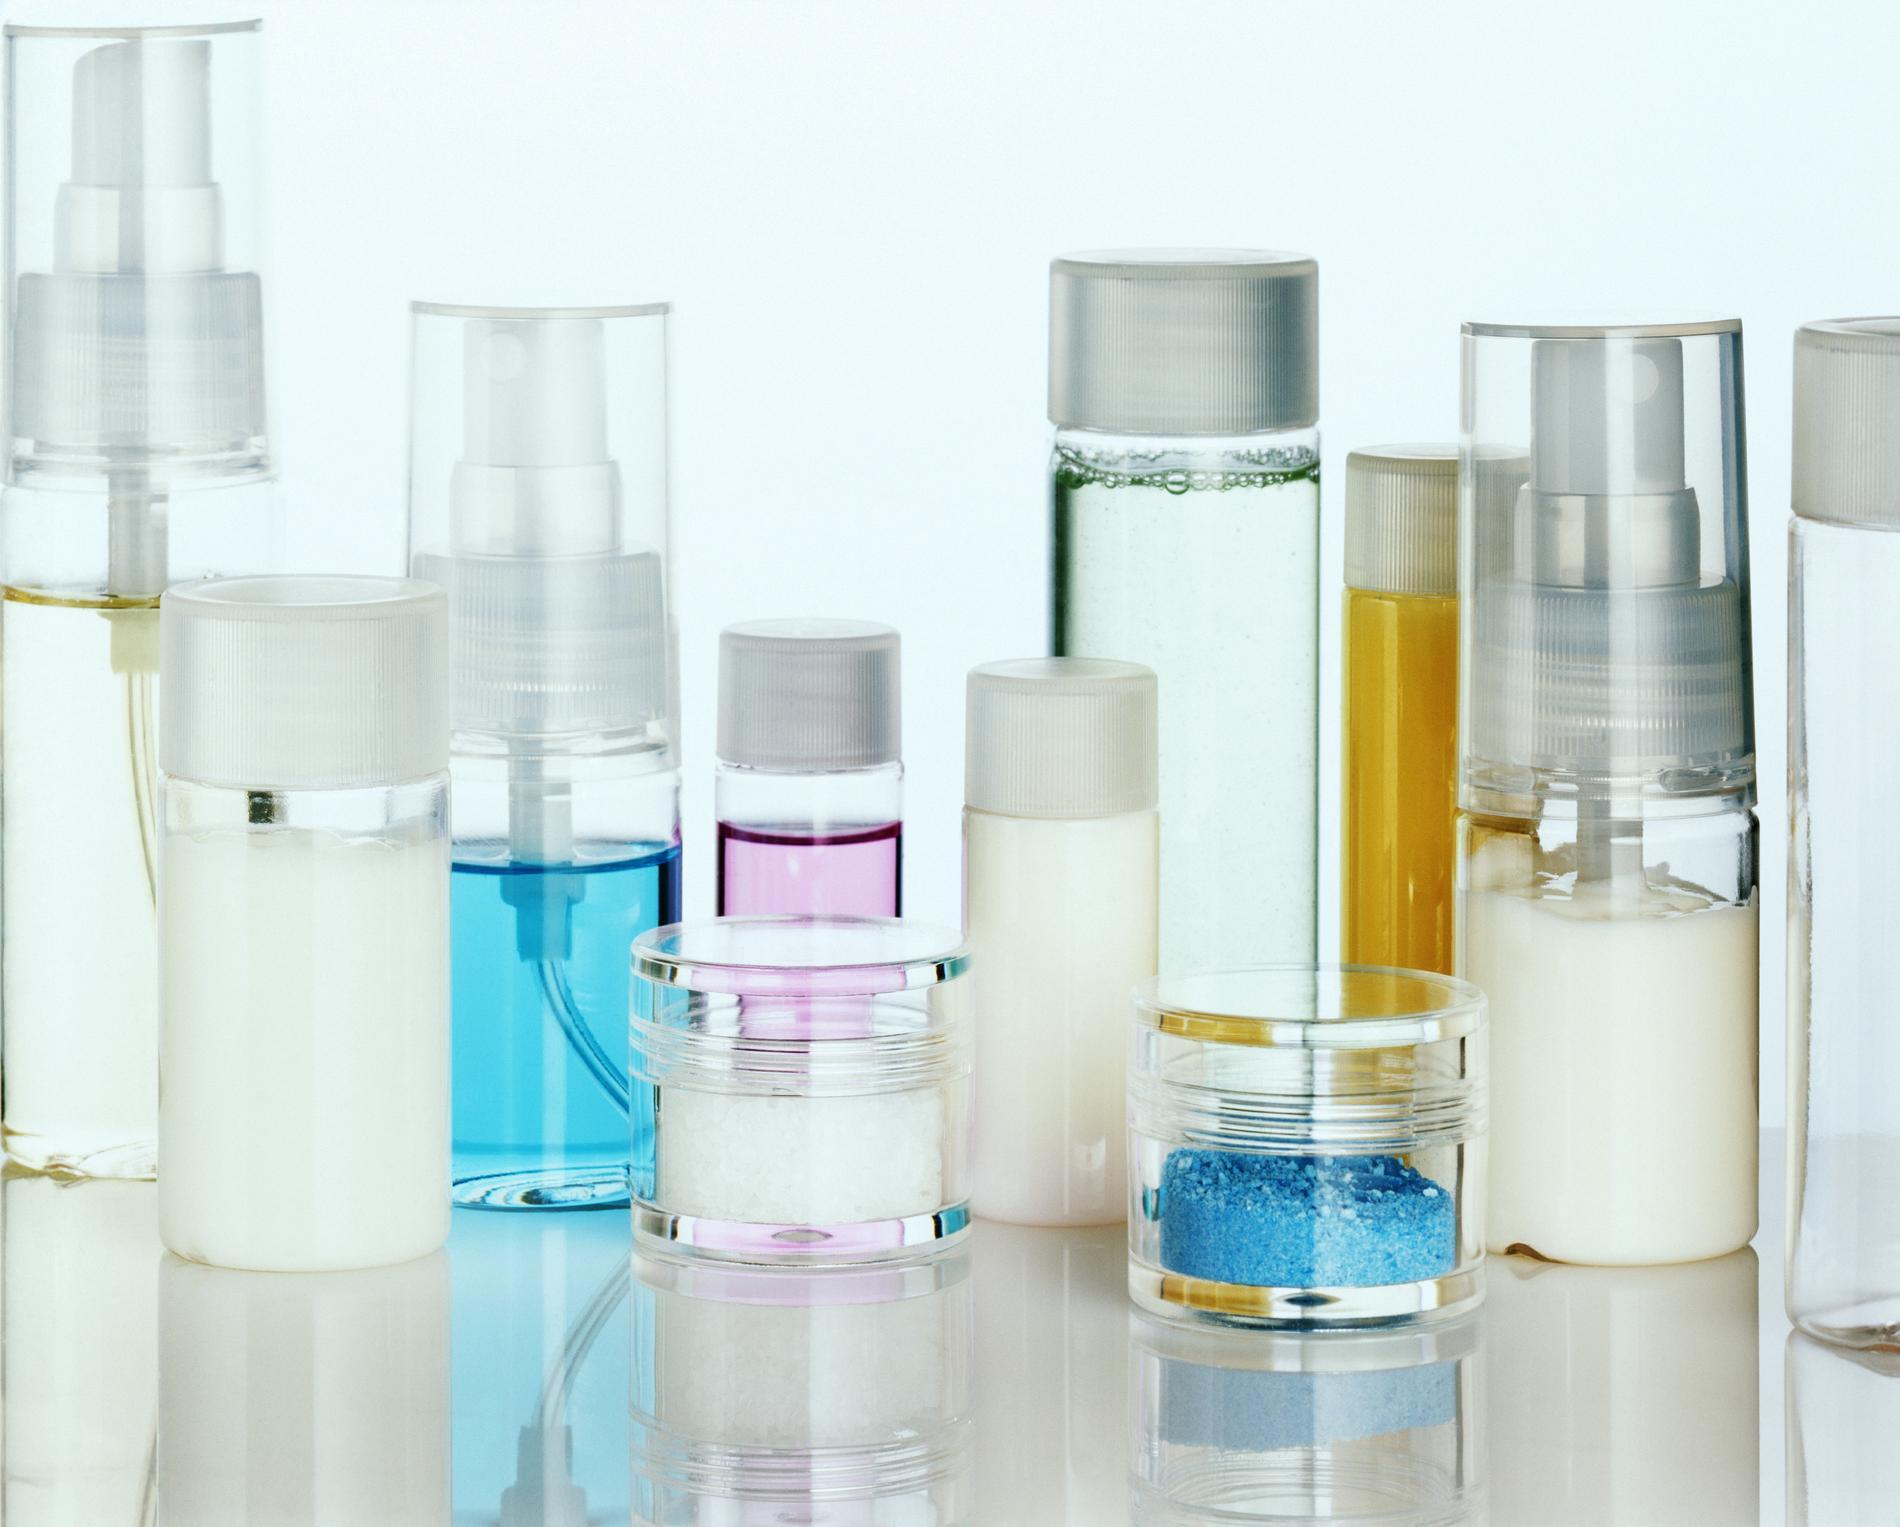 La moiti des produits cosm tiques contient des substances for Magimix fr enregistrer un produit